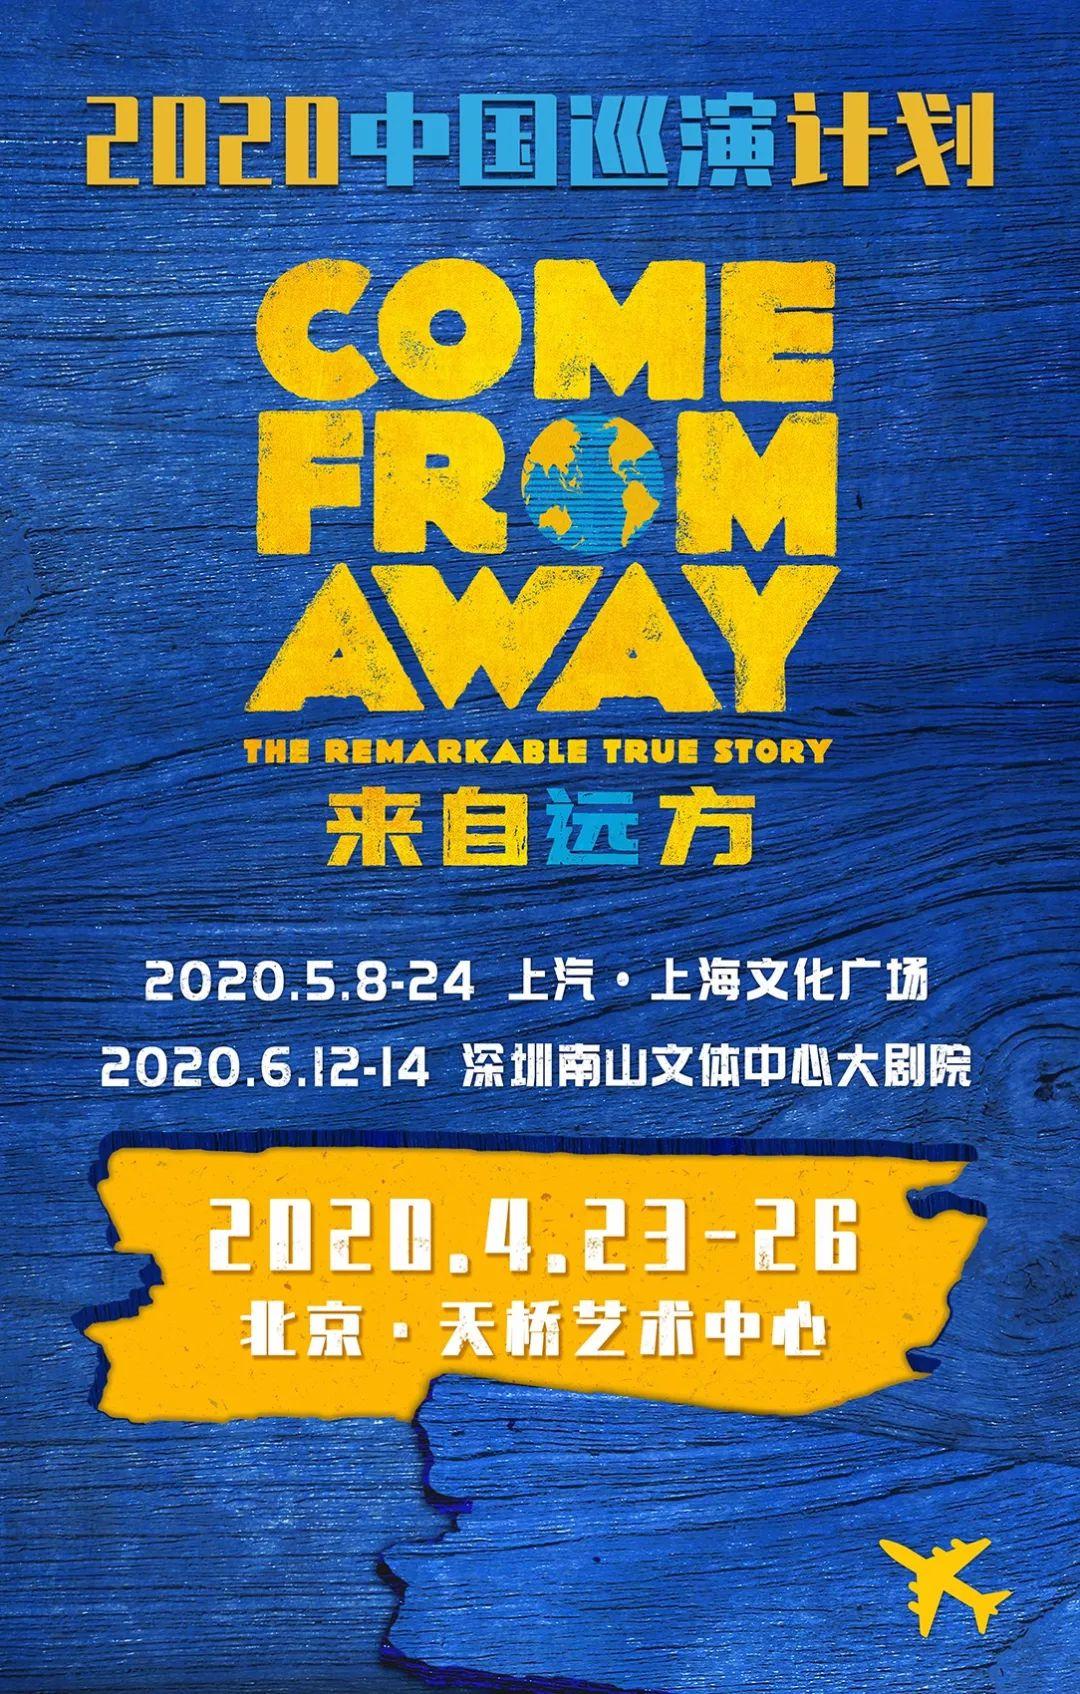 发布会倒计时7天丨《来自远方》的他们即将抵达北京,还带来了你们想知道的____?